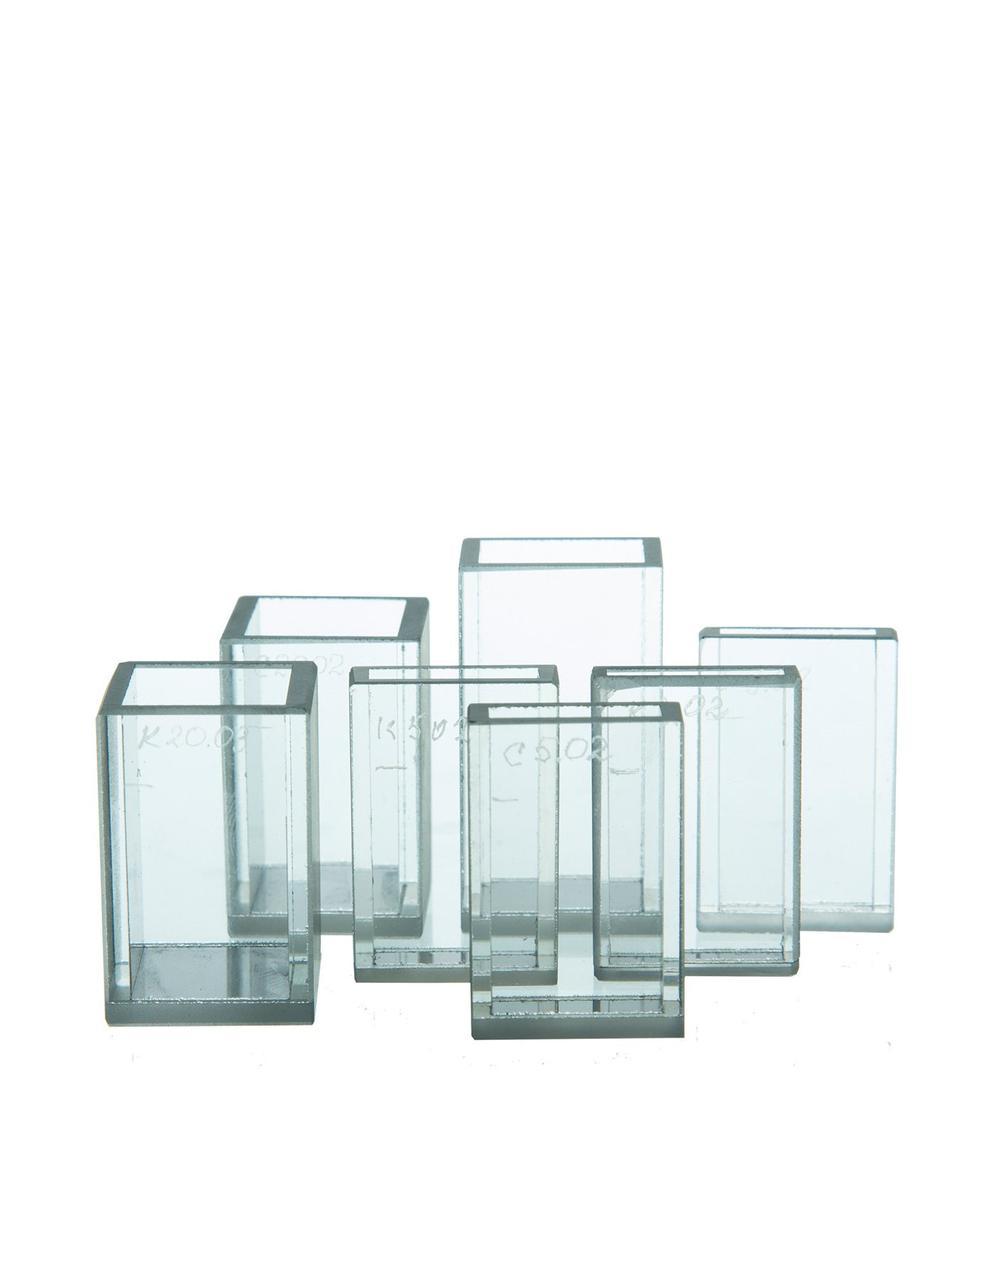 Кюветы для фотометрии из стекла К-8   10*5 мм с умен. объемом (1,5 мл)    (габаритные размеры 12х12х44) 12002316